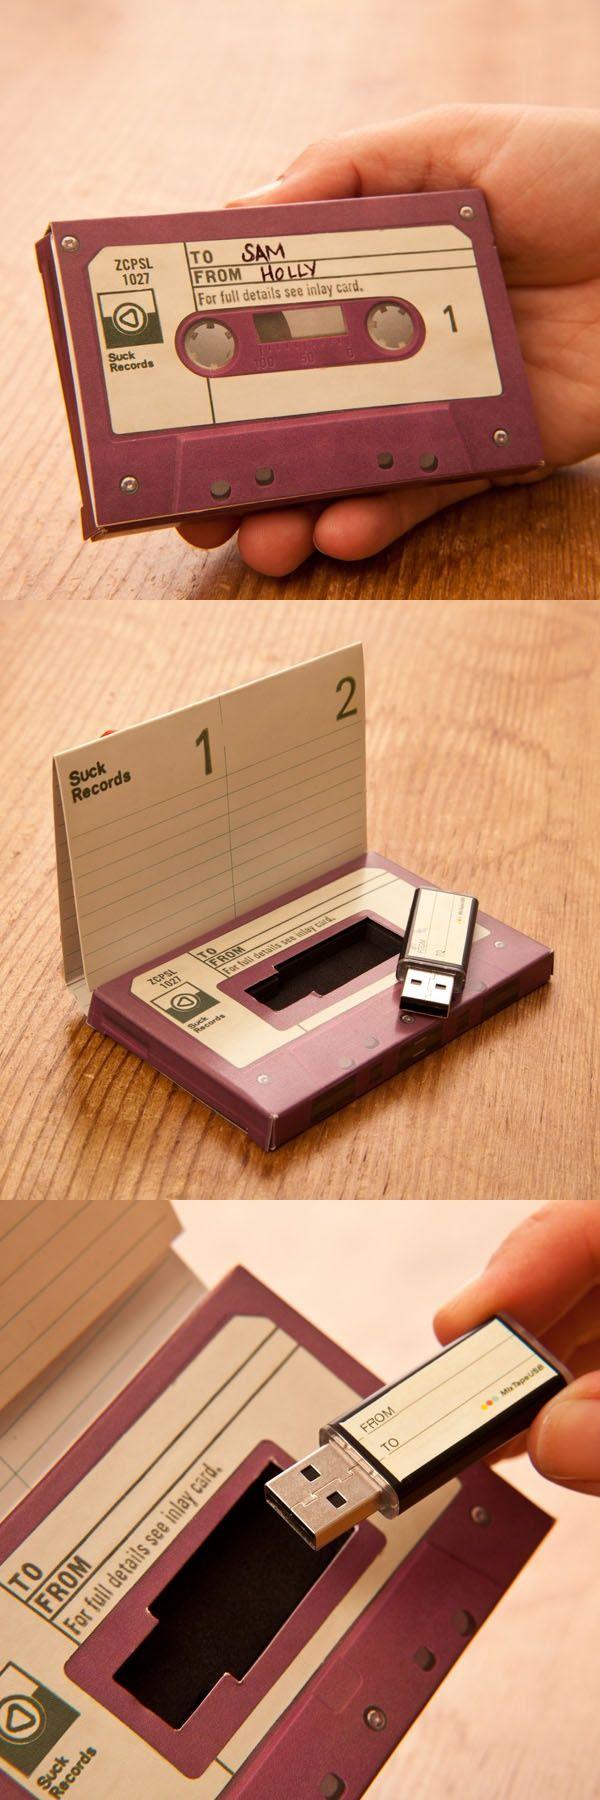 Los cassettes siempre quedarán en el recuerdo y de ahí que puedan formar parte de un regalo con sorpresa